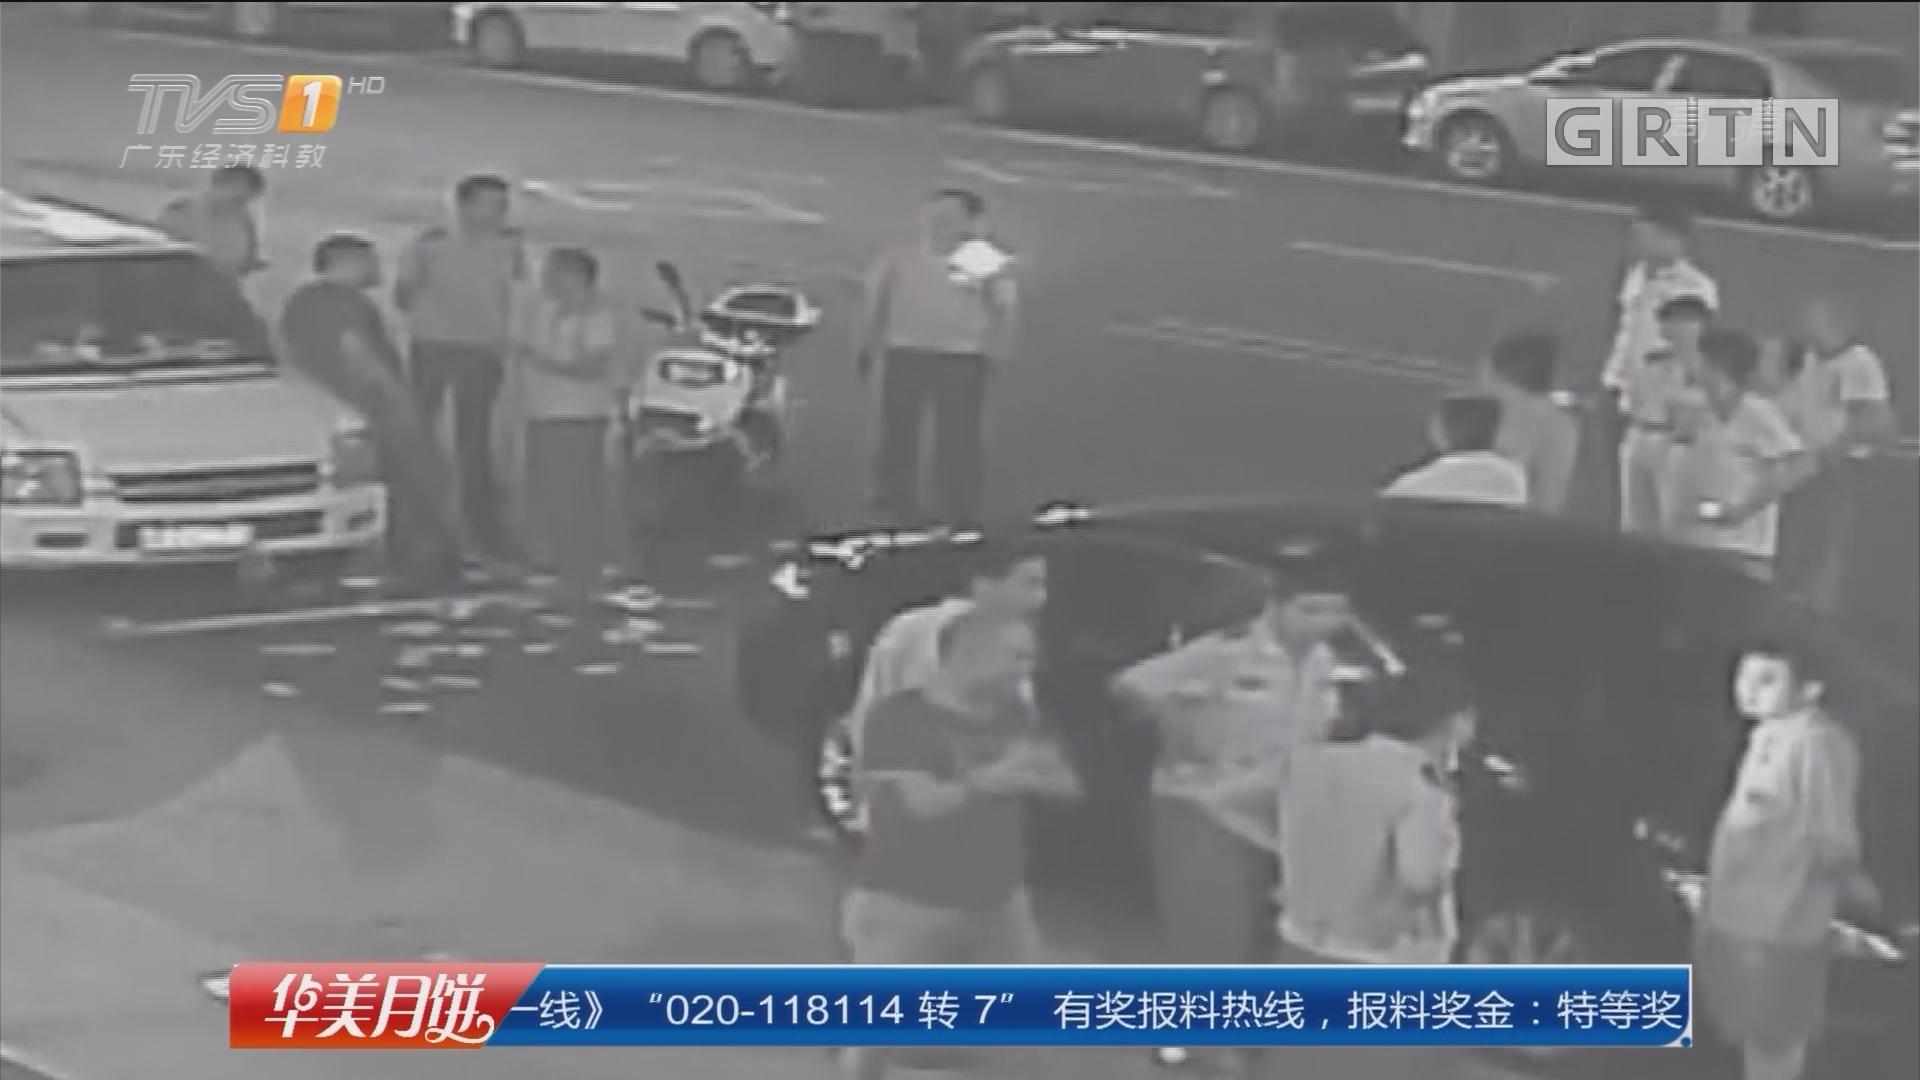 梅州五华:男子酒后撞车撒钱 涉嫌寻衅滋事刑拘